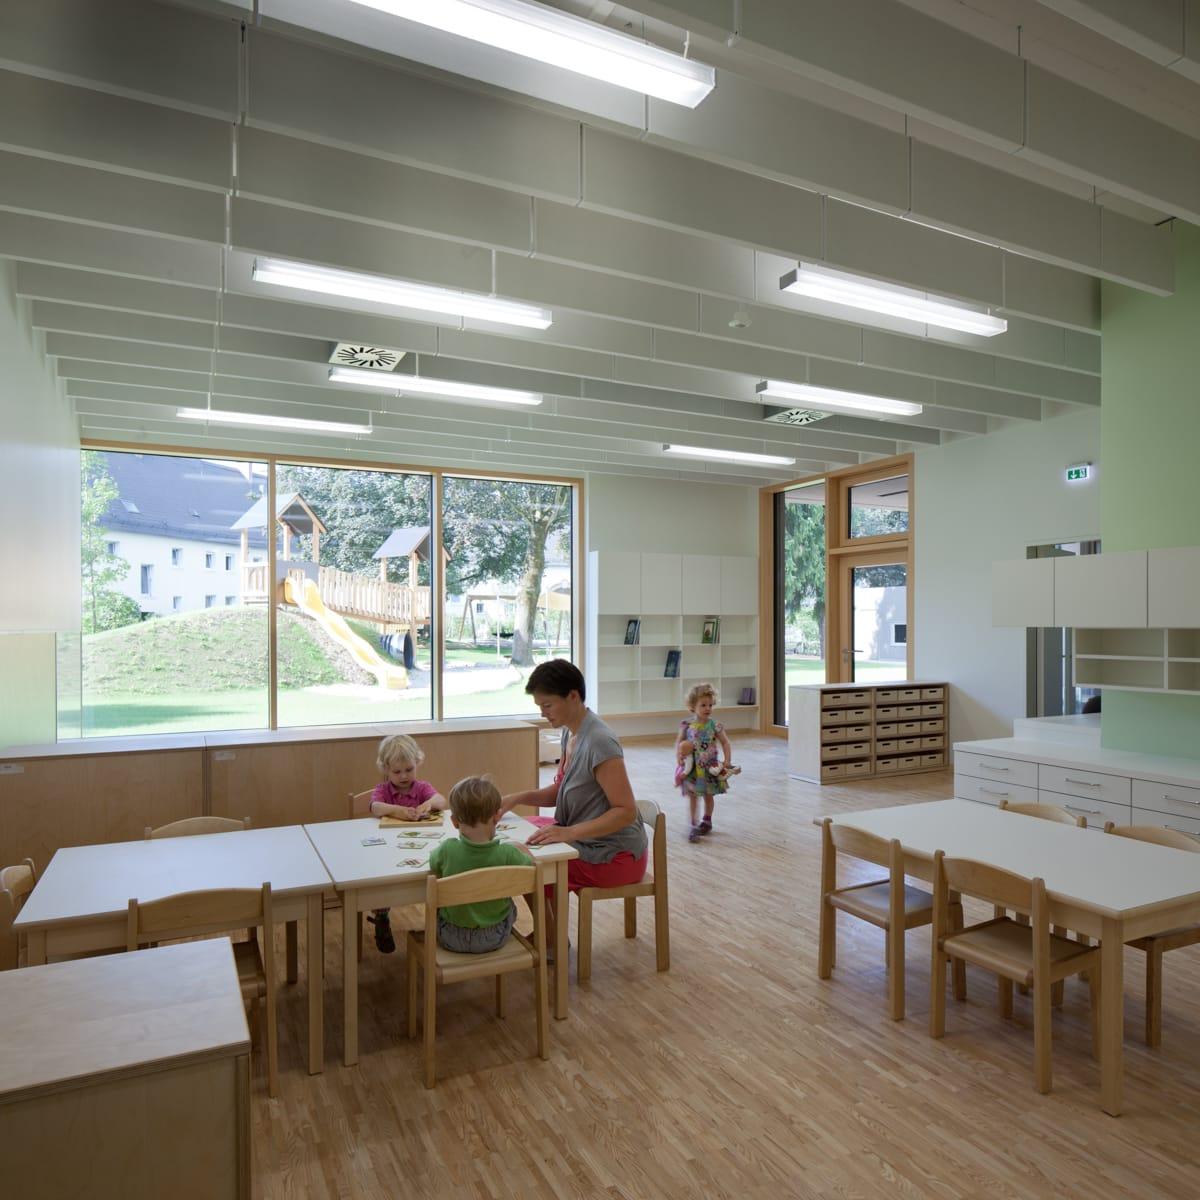 kindergarten, krabbelstube, architektur, voll das leben, kinder, linz, spallerhof, tolle räume